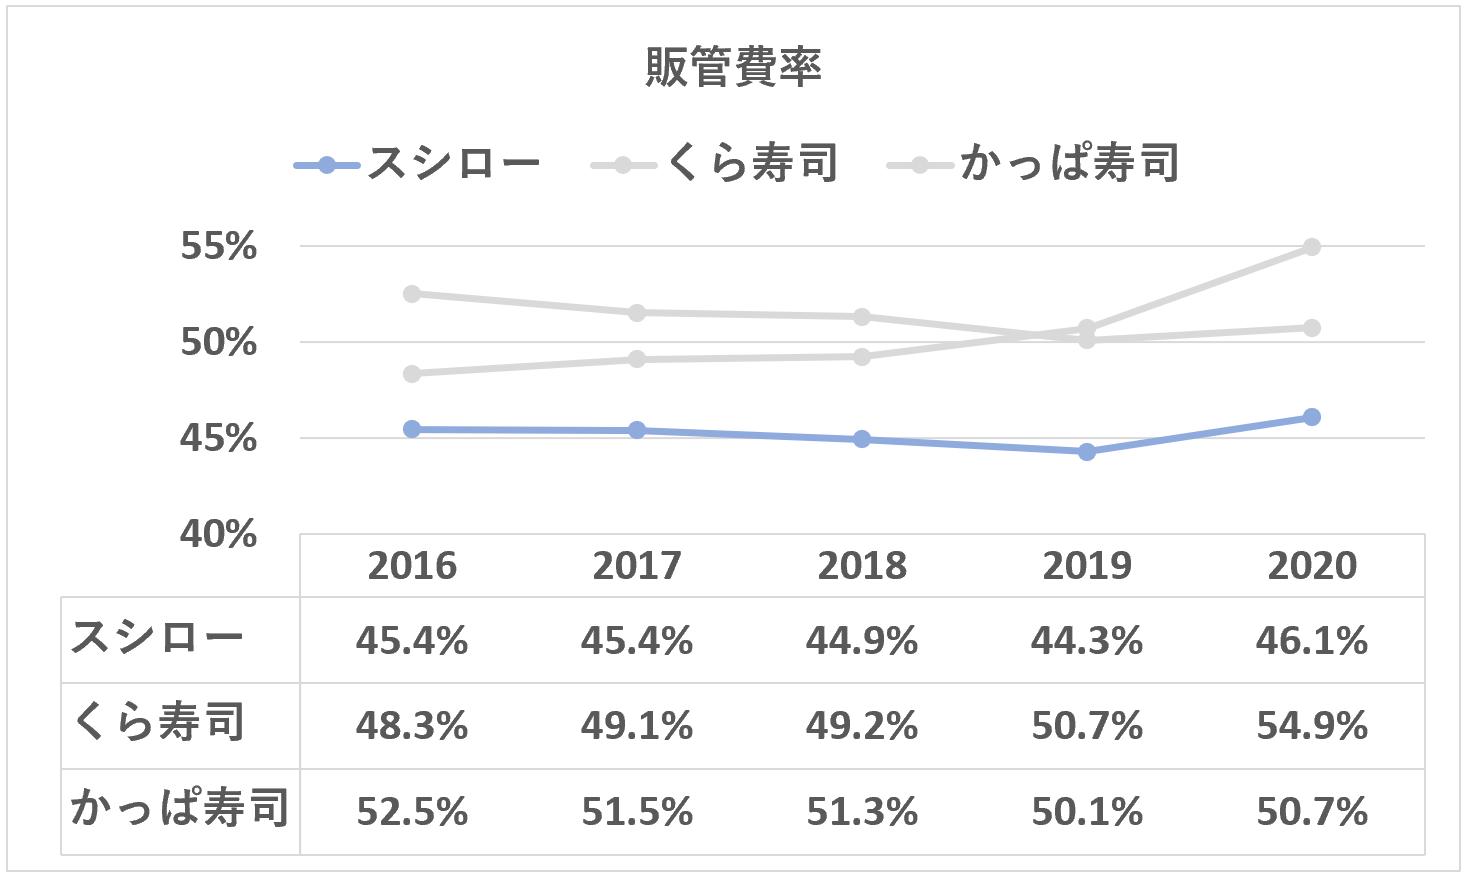 スシロー:販管費率の推移